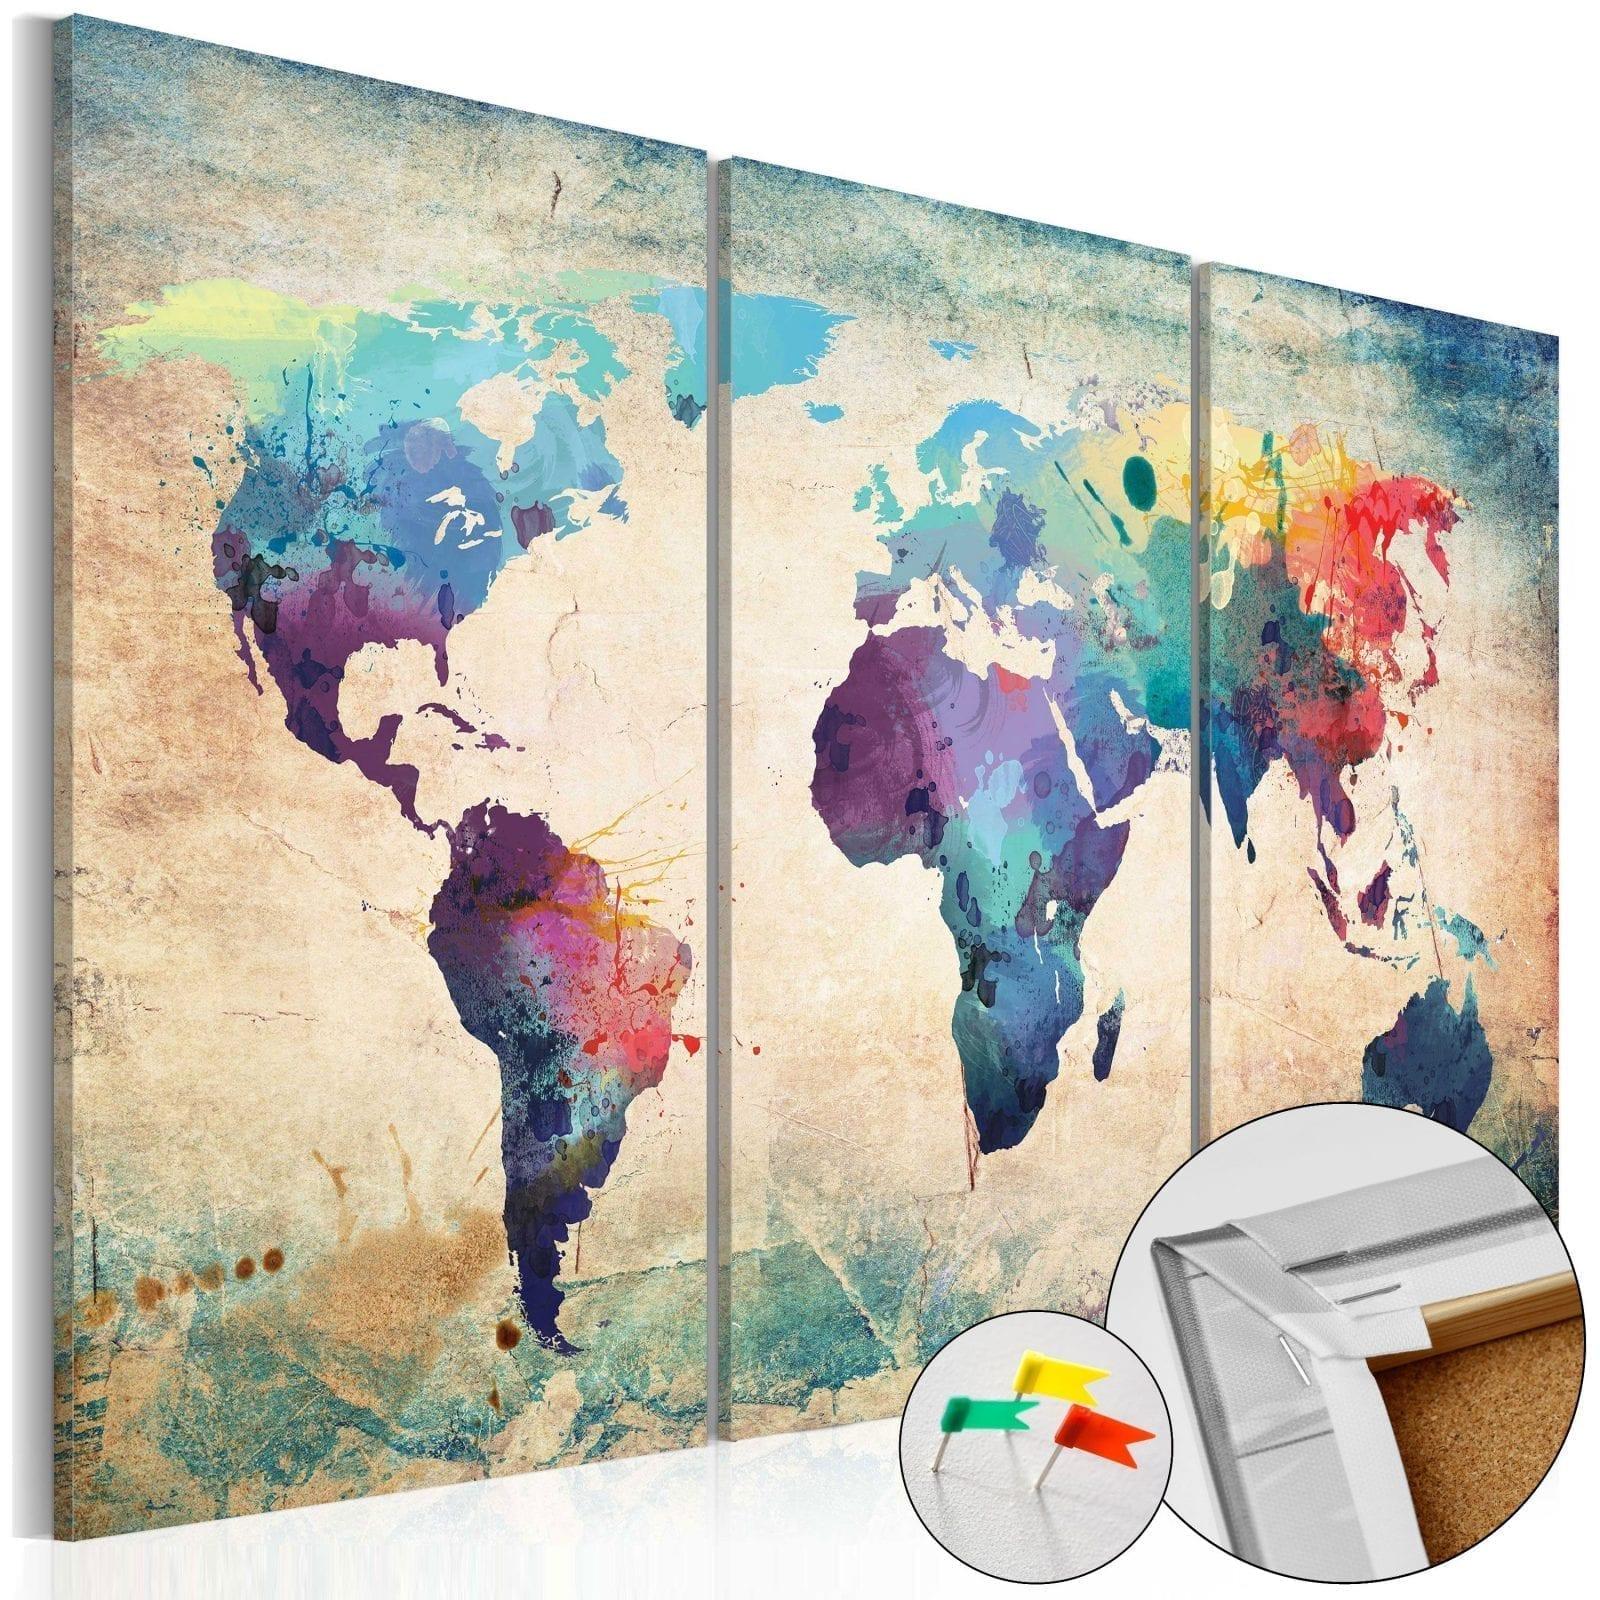 Tablero de corcho - Rainbow Map 1 | Potspintura.com